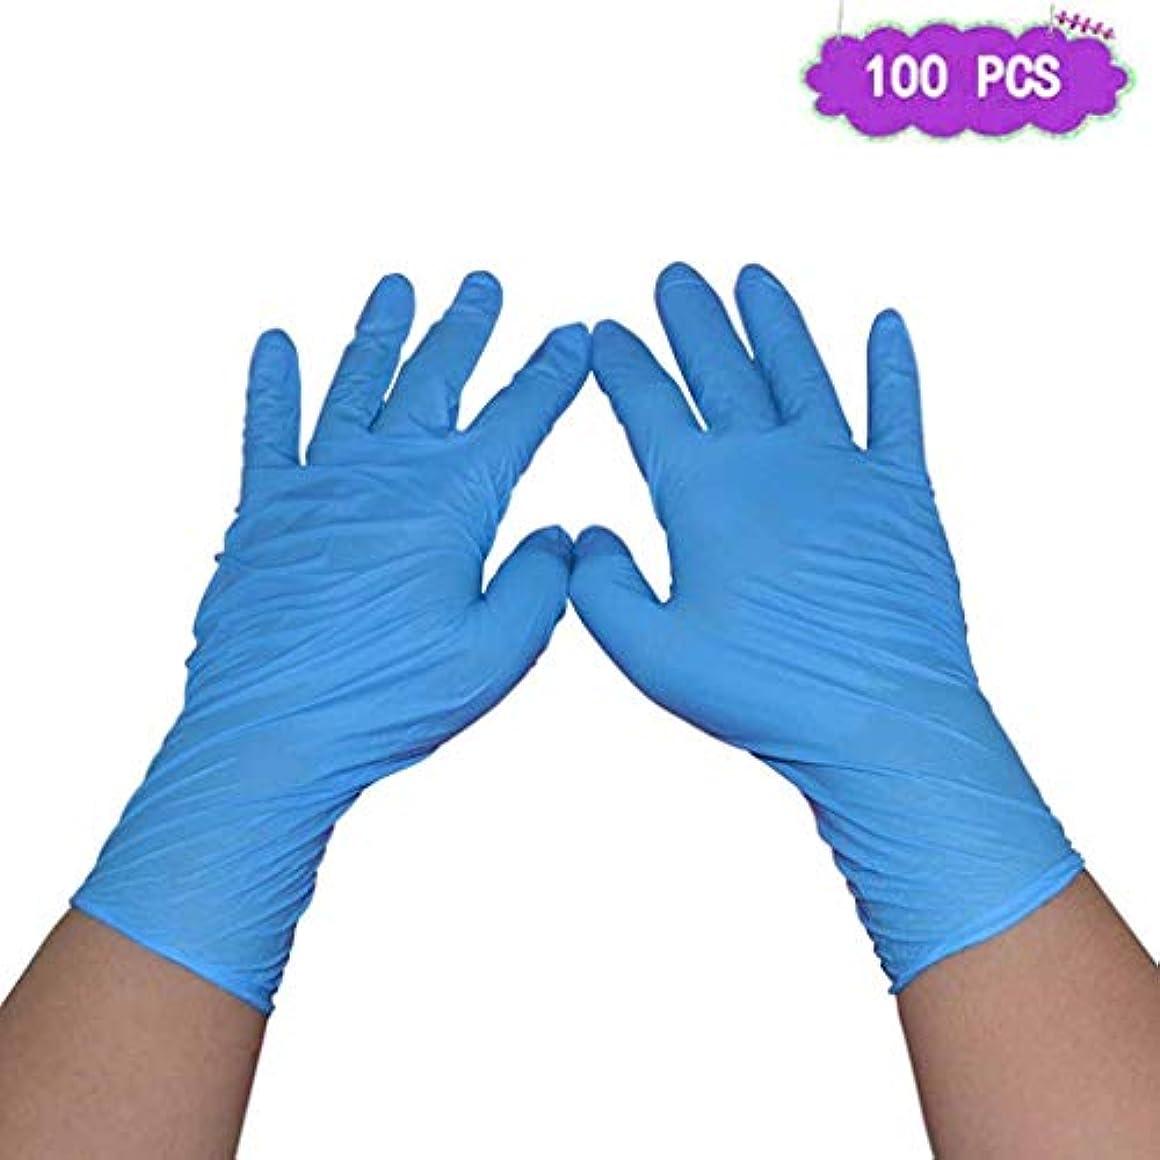 資産気になる傀儡12インチの長い肥厚ニトリル手袋使い捨て手袋ニトリルラテックス食品試験ゴム義務試験手袋|病院向けのプロフェッショナルグレード (Size : M)